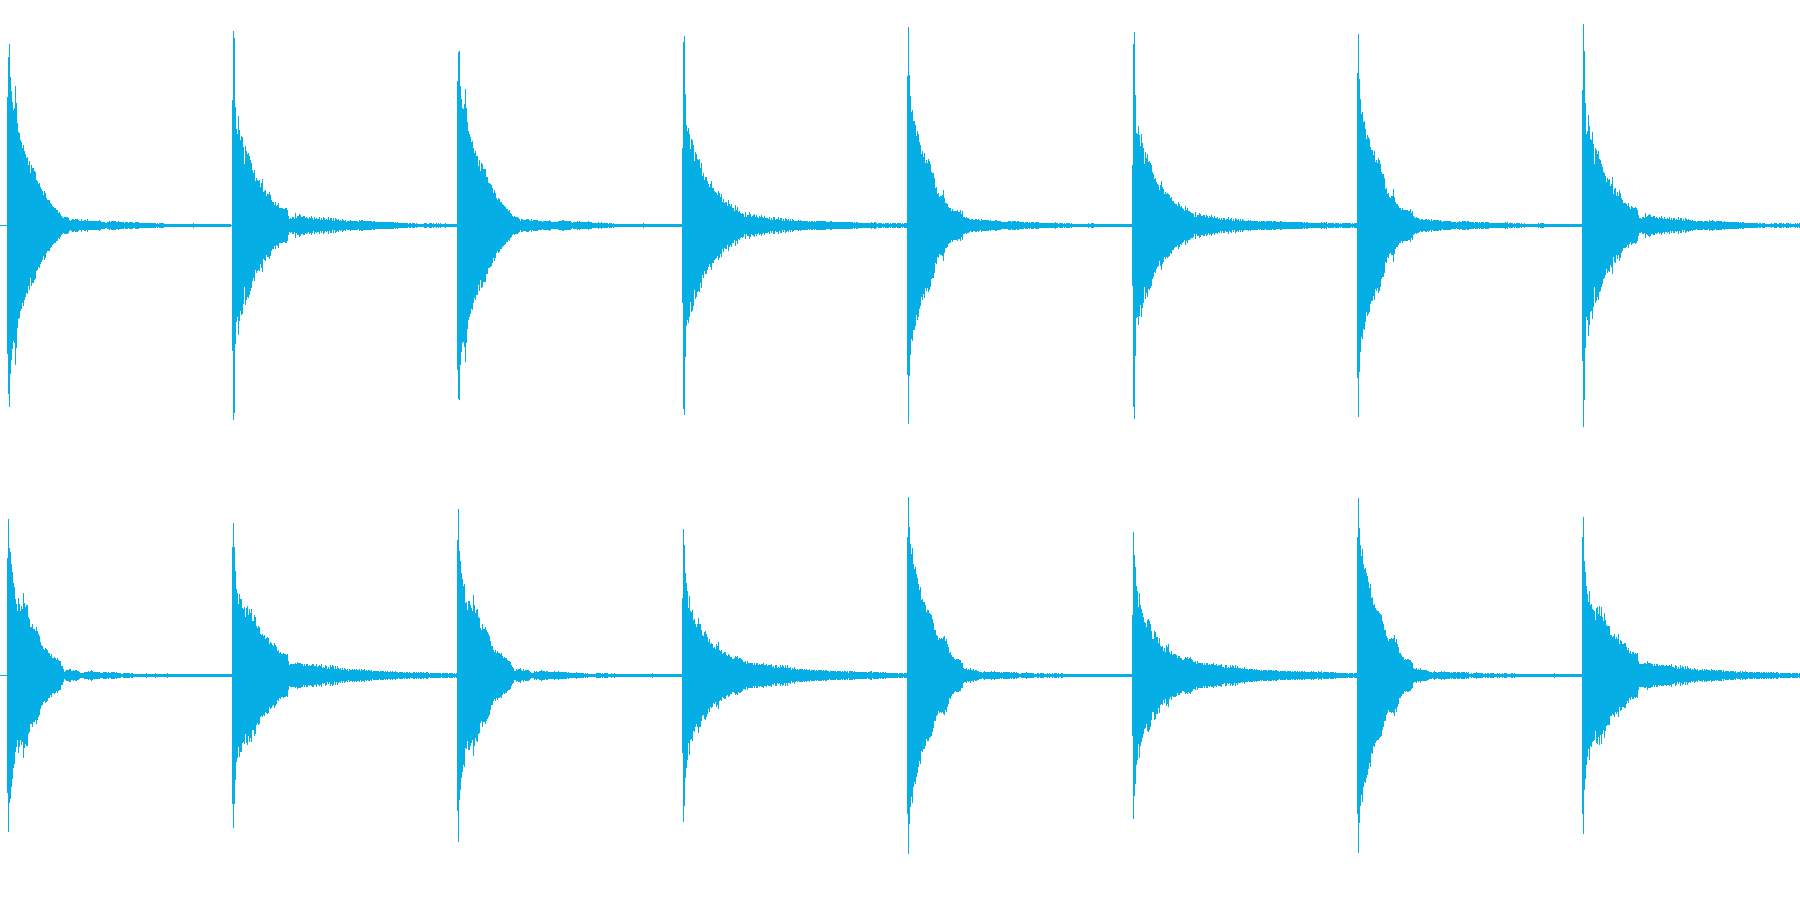 考える/シンキングタイム/マレットの再生済みの波形